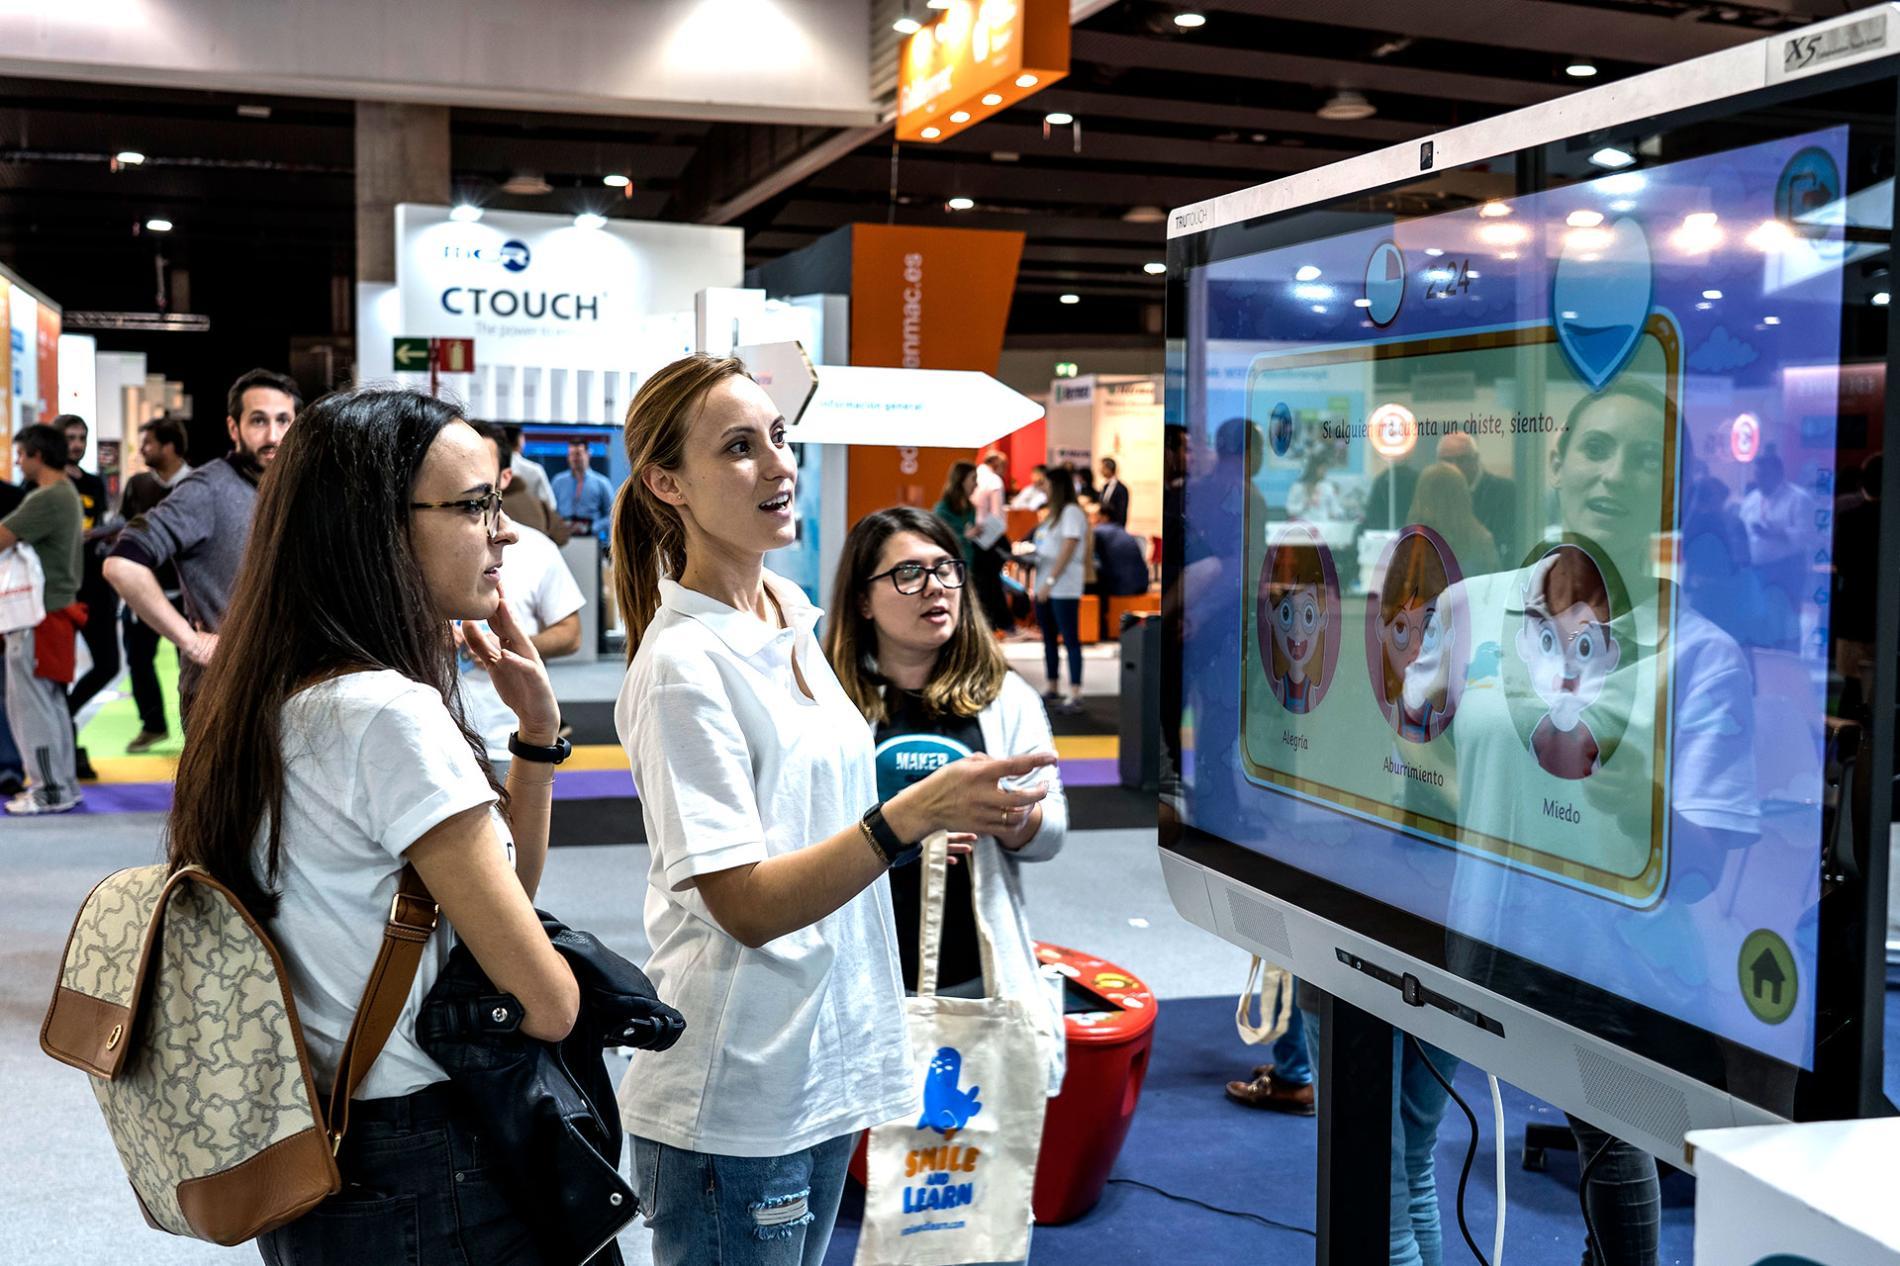 Visitors looking at interactive screen